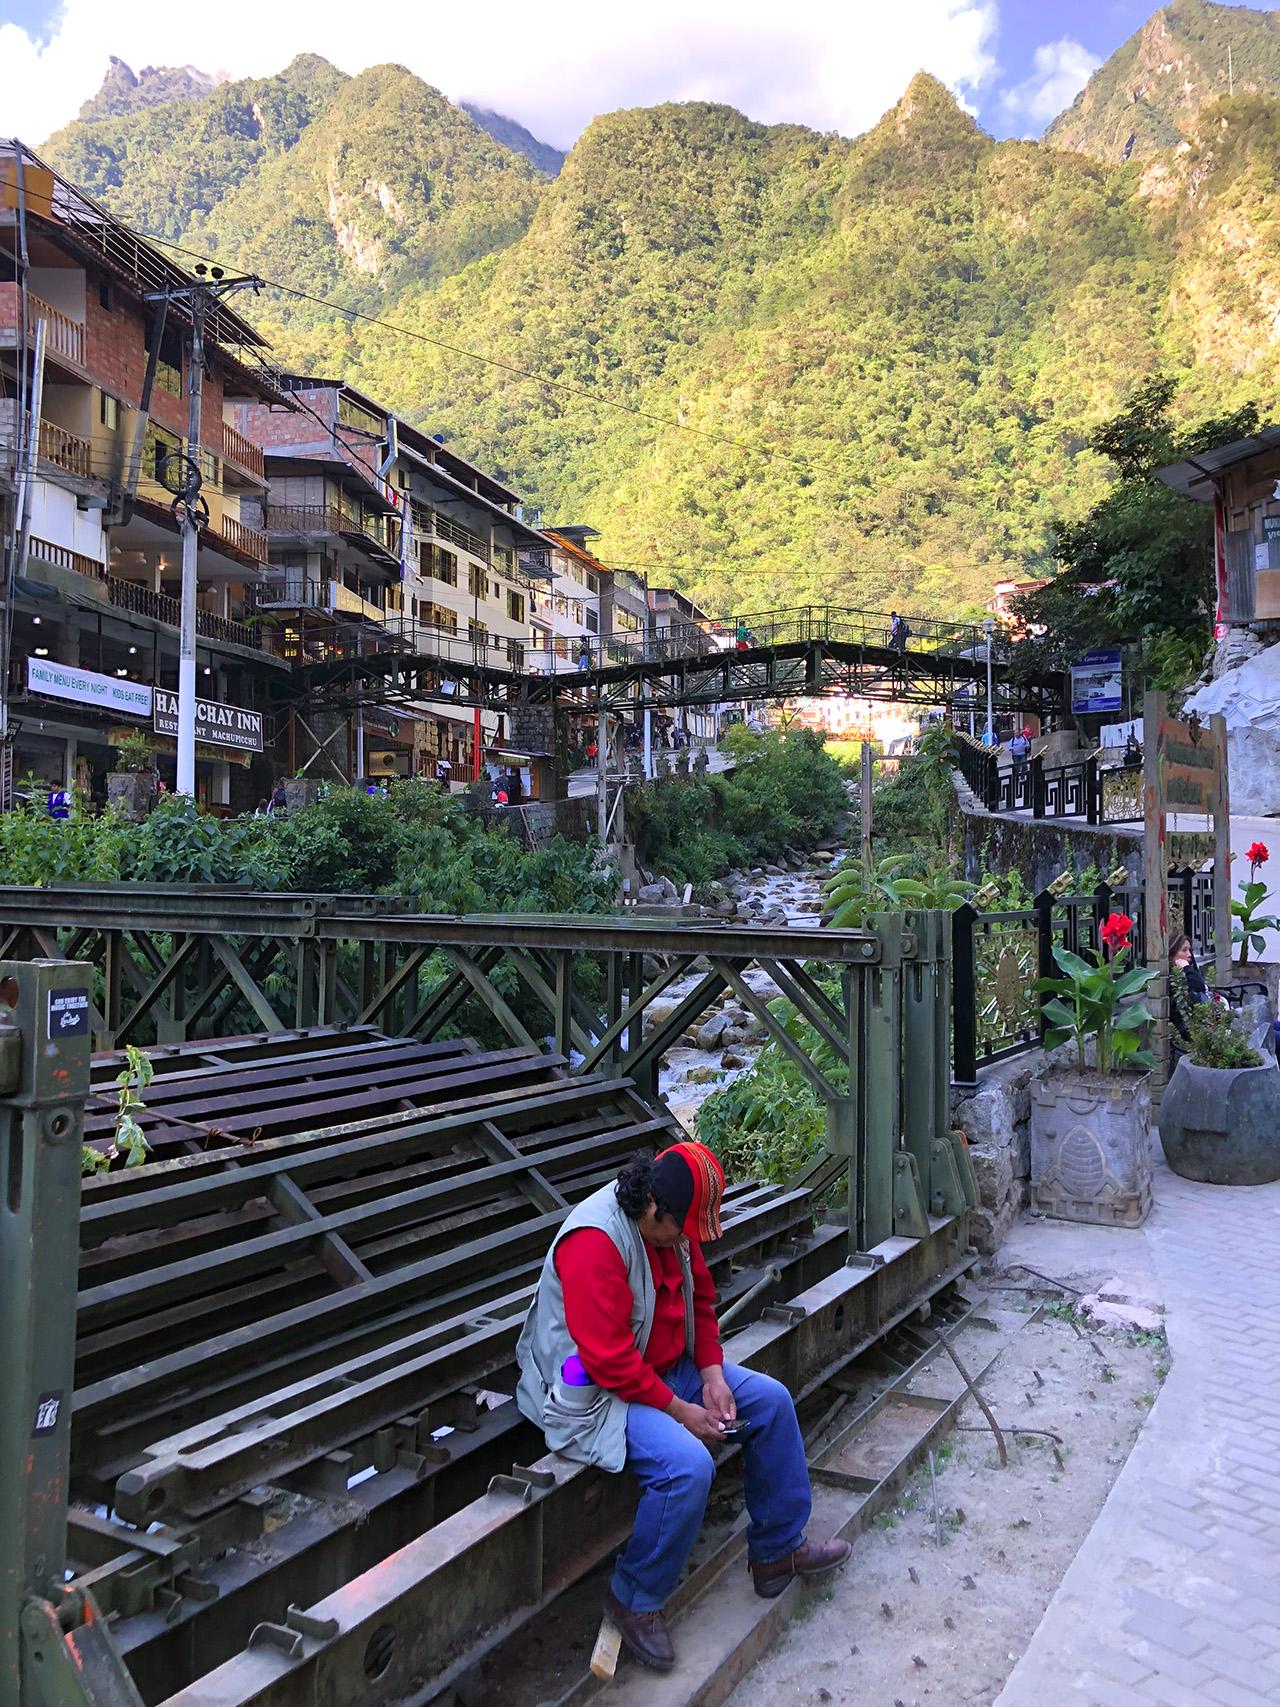 aguas calientes machu picchu pueblo perurail peru aguas calientes - aguas calientes machu picchu pueblo perurail peru 13 - Aguas Calientes, el extraño pueblo de Machu Picchu